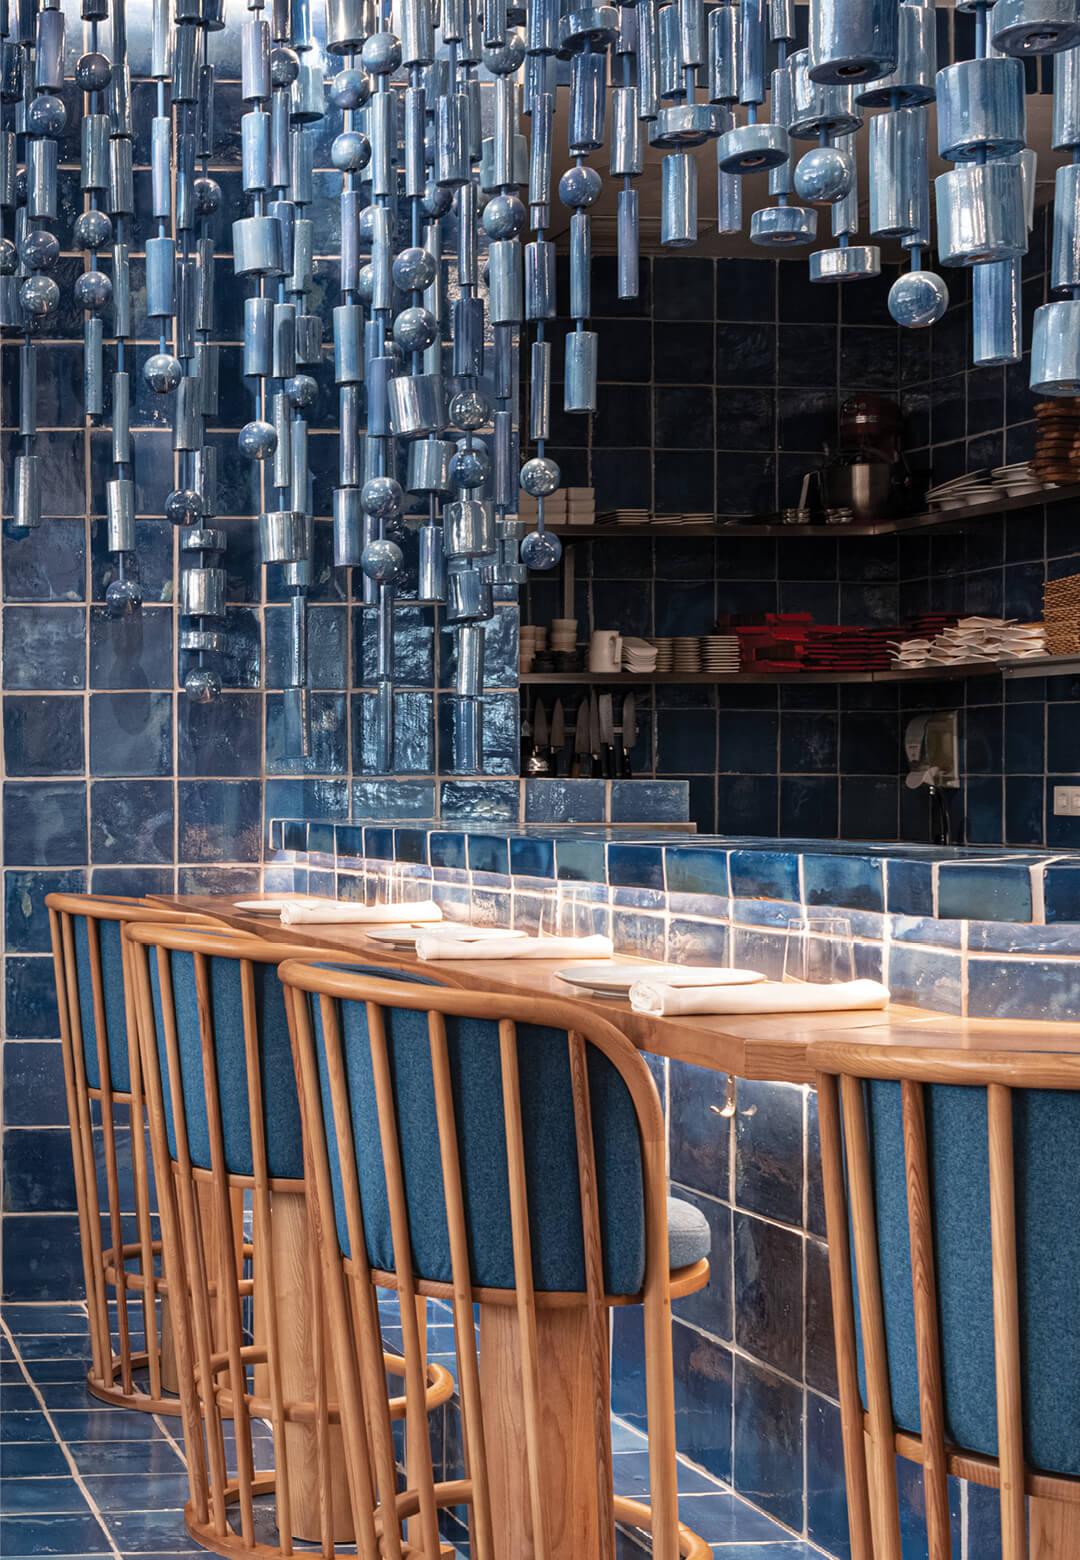 A wavy, sculptural installation made of ceramic hangs inside La Sastrería restaurant in Valencia | La Sastrería bar and restaurant designed by Masquespacio | STIRworld